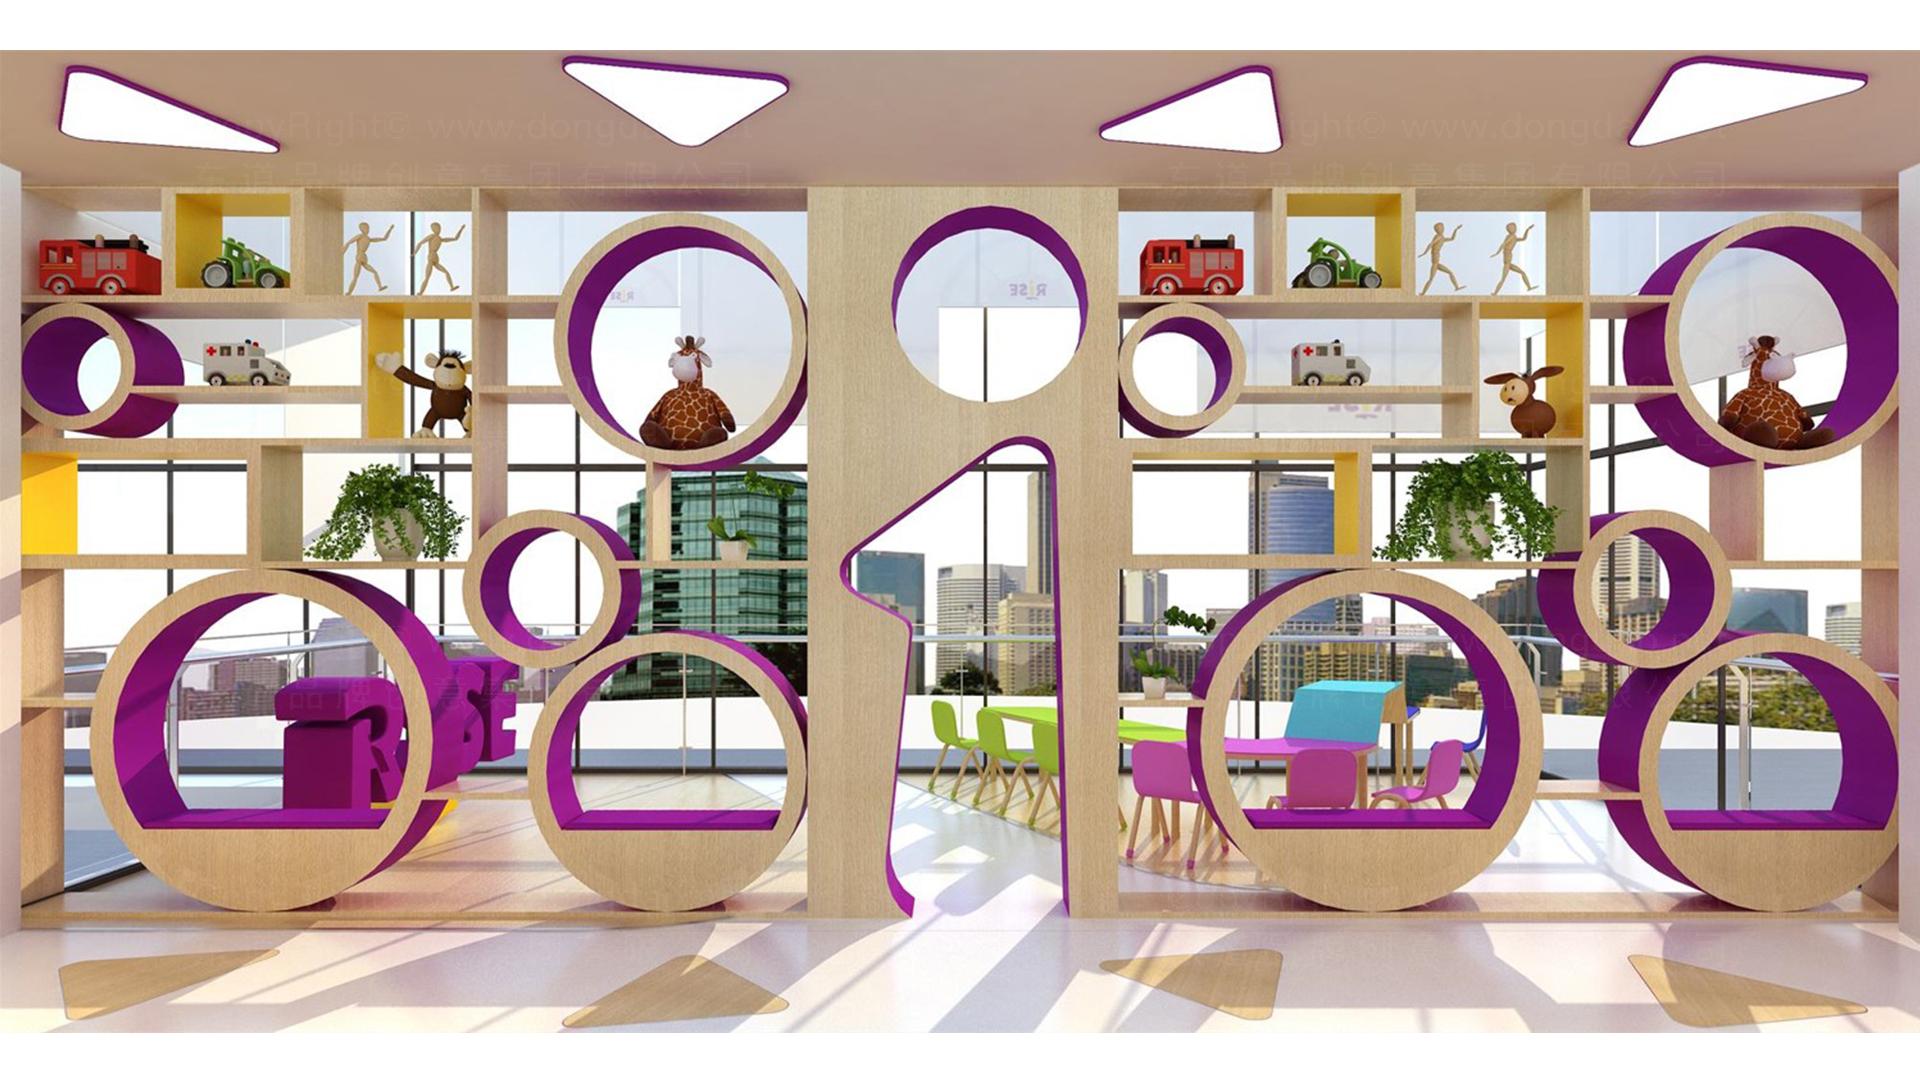 商业空间&导示瑞思SI门店概念设计应用场景_1